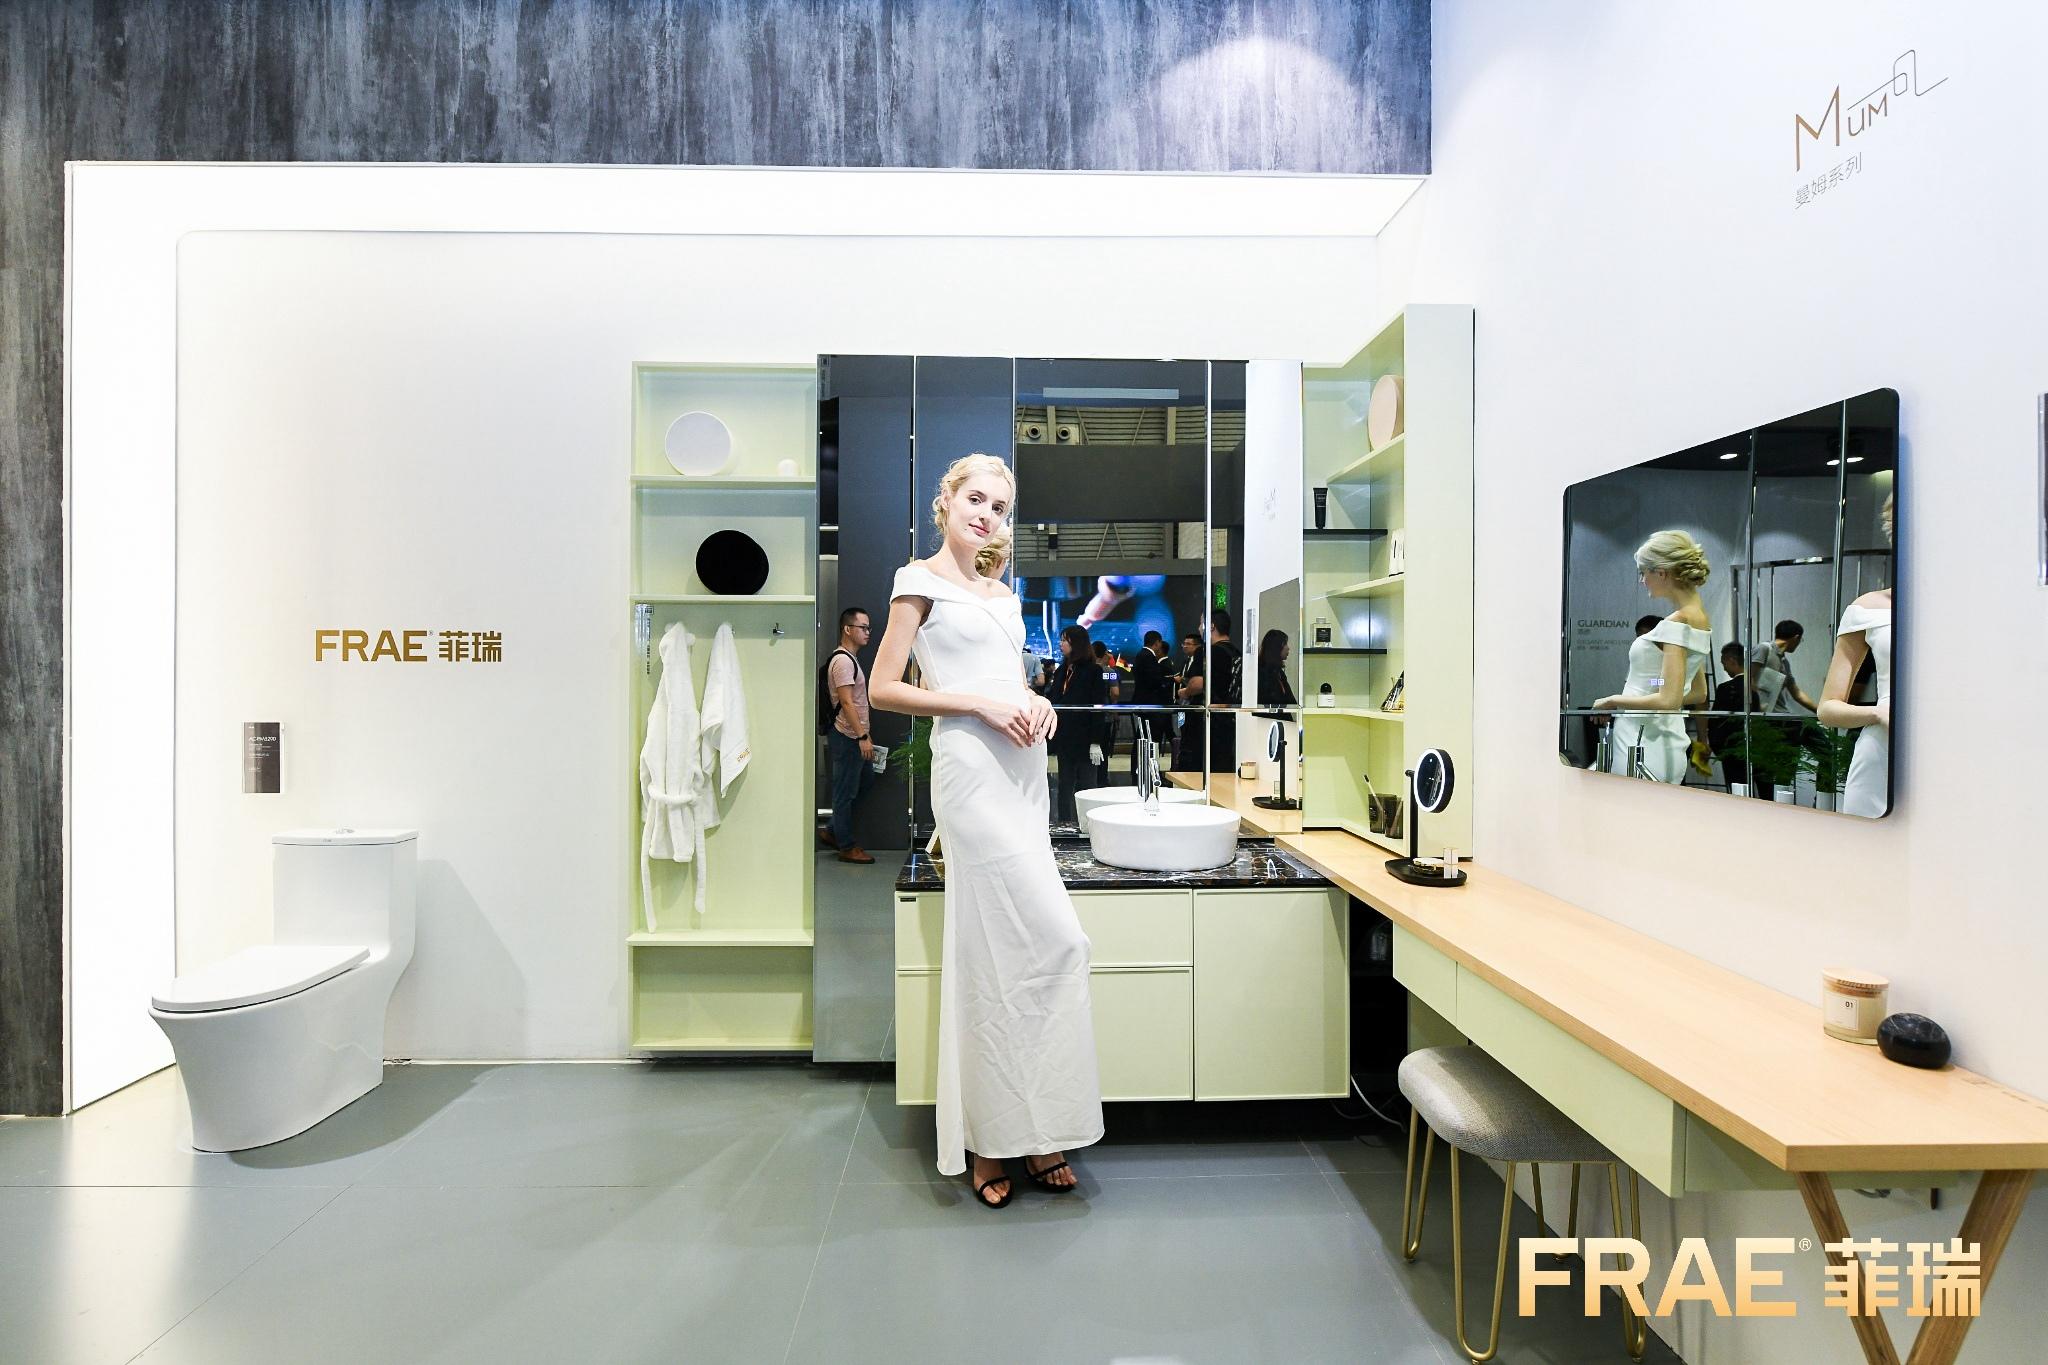 跨越新生,智領未來!菲瑞首秀新品,為你的衛生間增加一抹亮色。